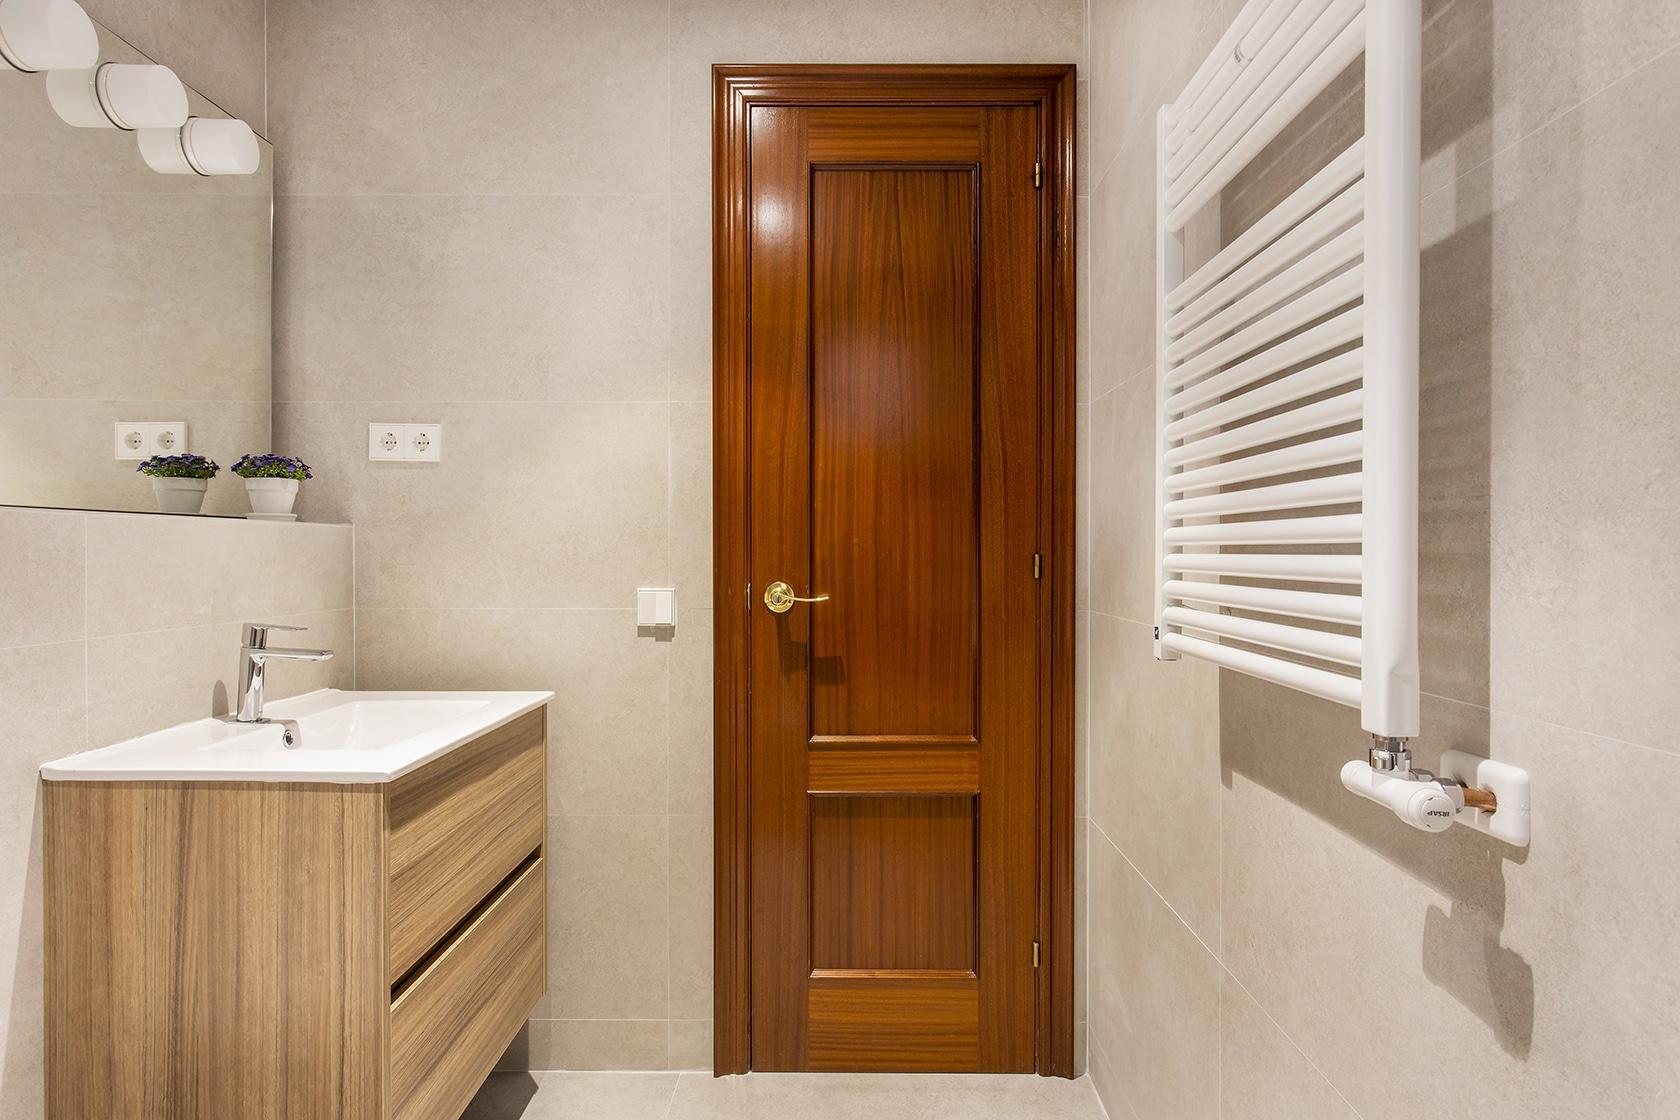 vista del baño desde dentro. Mueble, espejo y puerta.